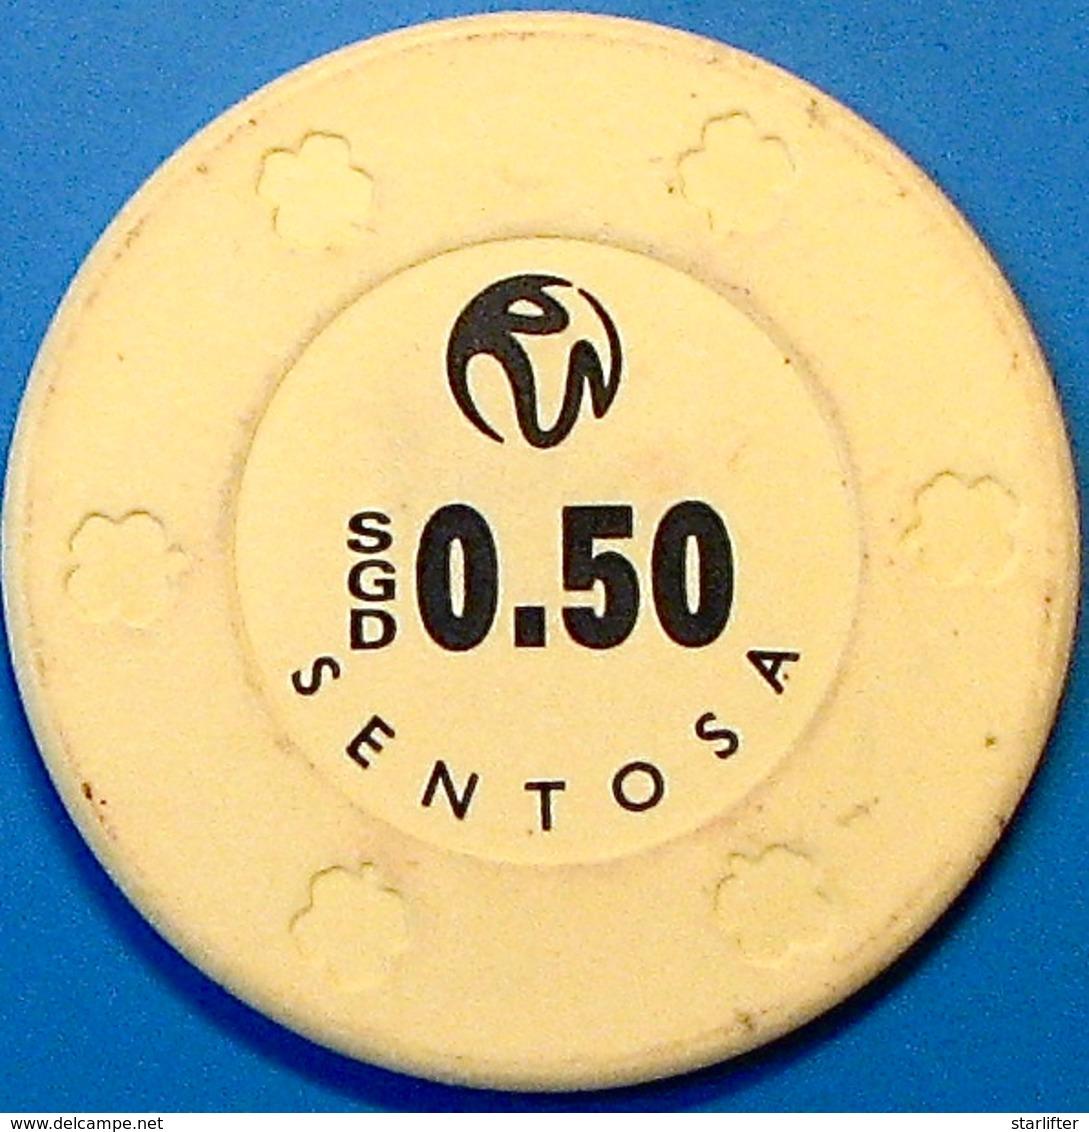 0.50 Casino Chip. Resort World, Sentosa Island, Singapore. N39. - Casino